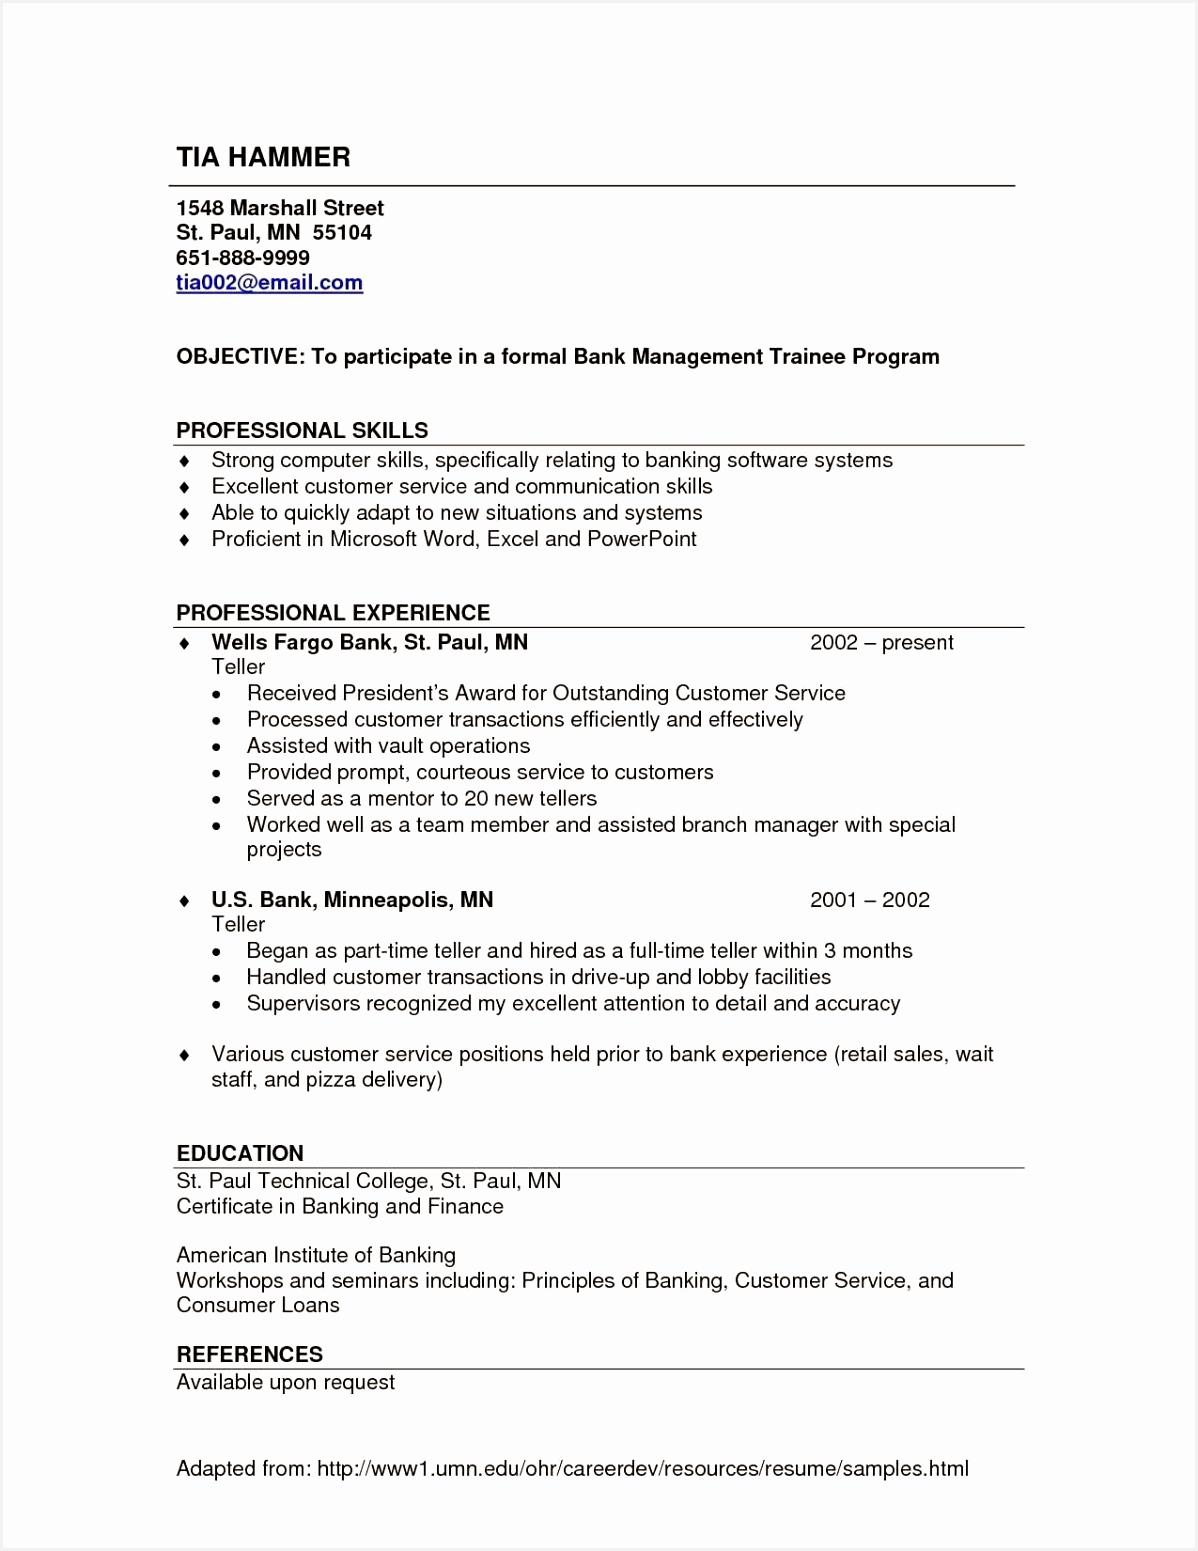 Resume Examples Bilingual Skills Valid Resume Examples Teacher Resume Example Awesome Resume Examples 0d 15511198toeug